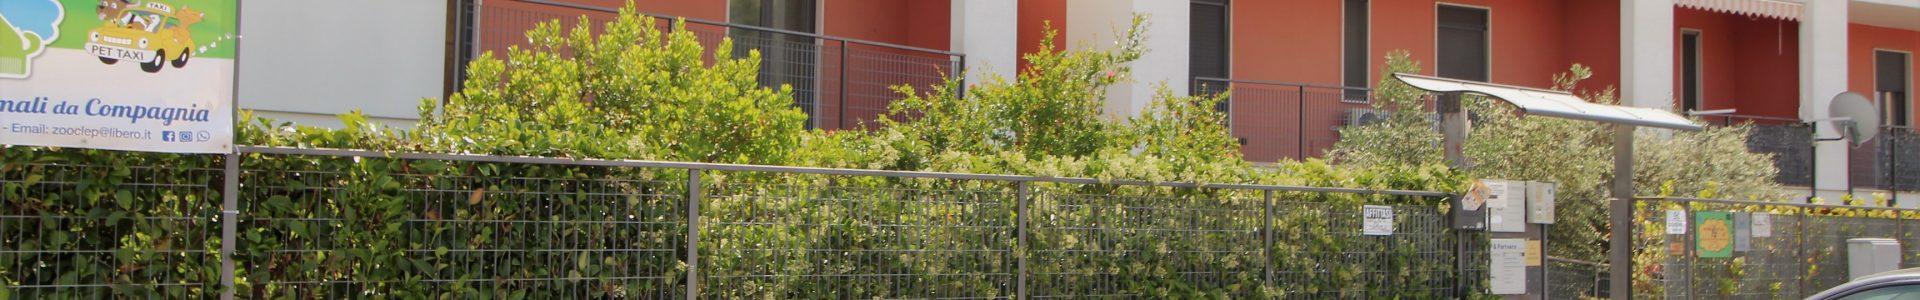 Bari via Livatino, 2 vani uso uffucio